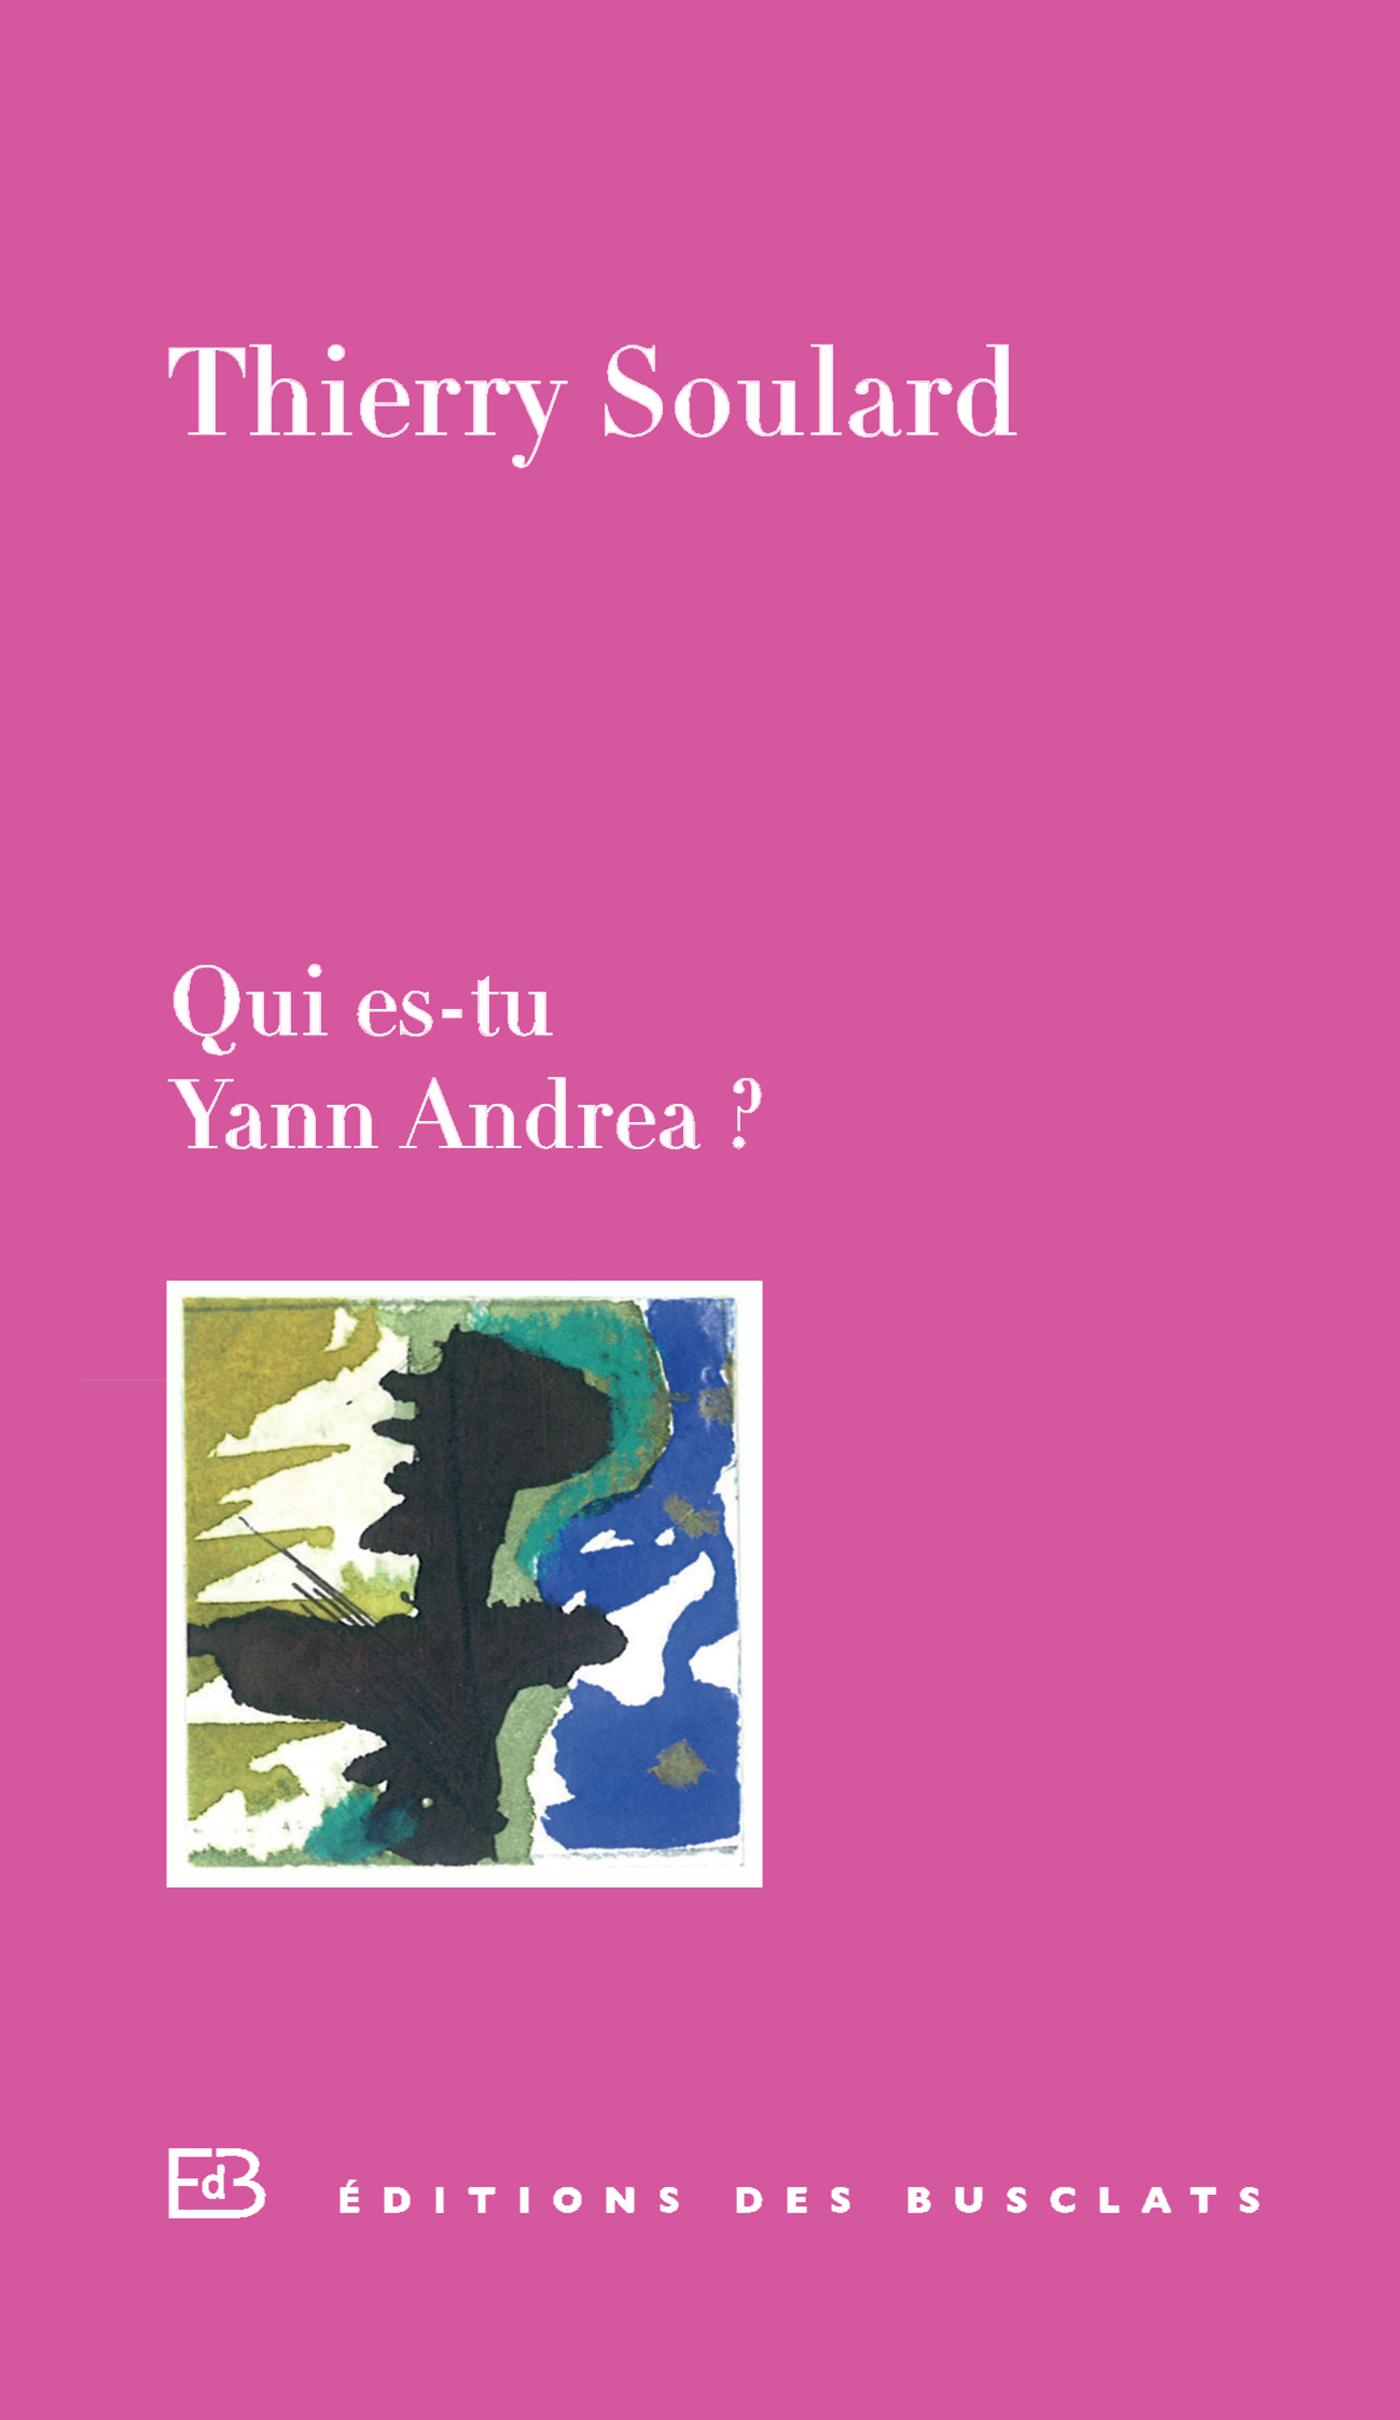 Qui es-tu Yann Andréa?